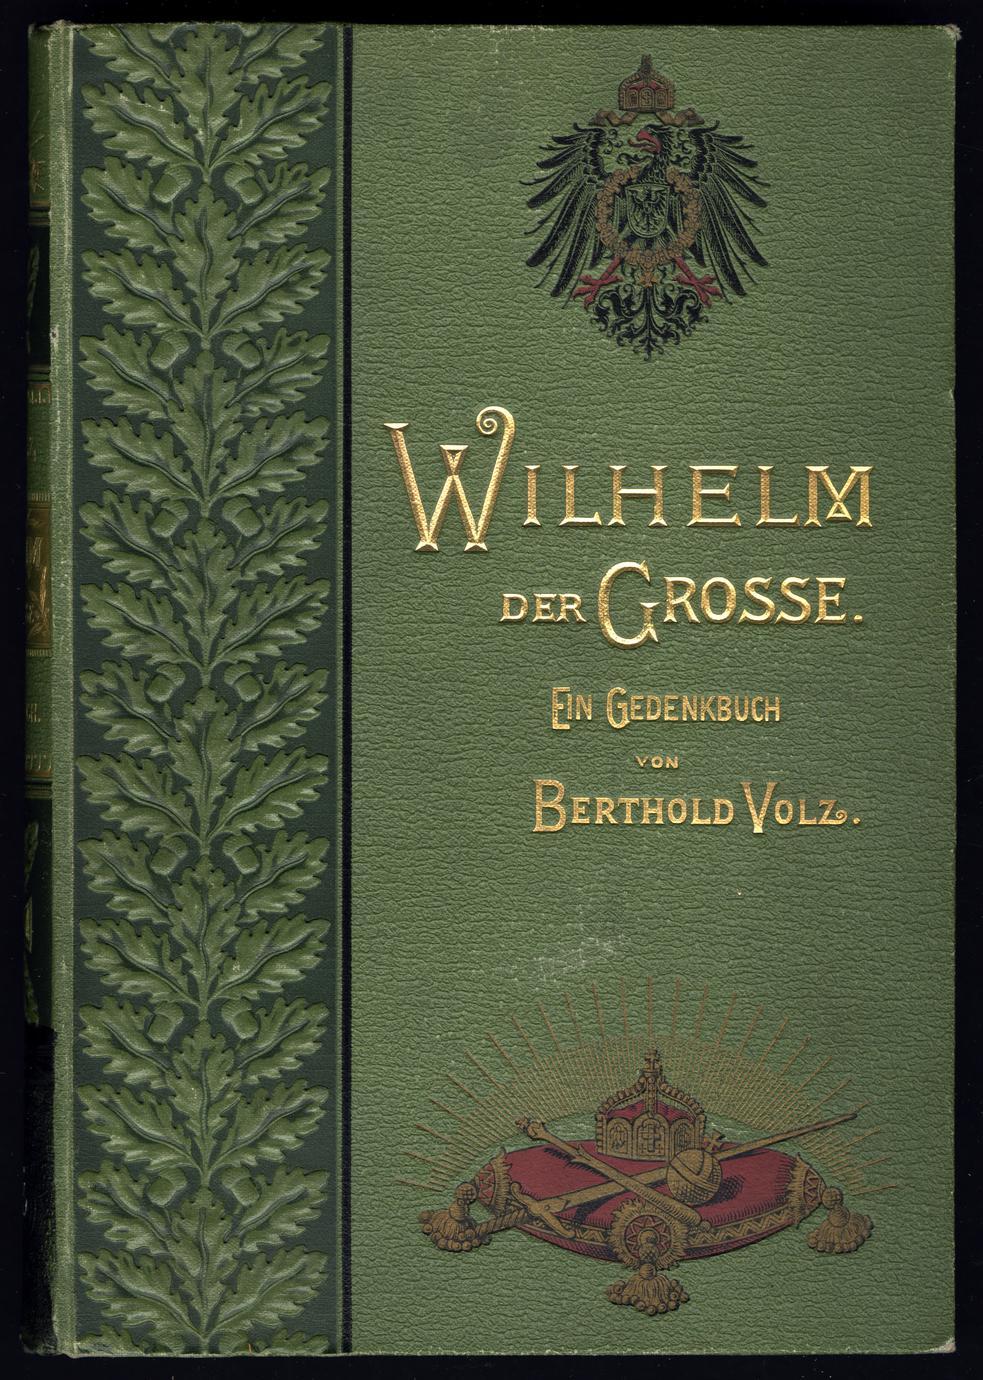 Wilhelm der Grosse (1 of 4)